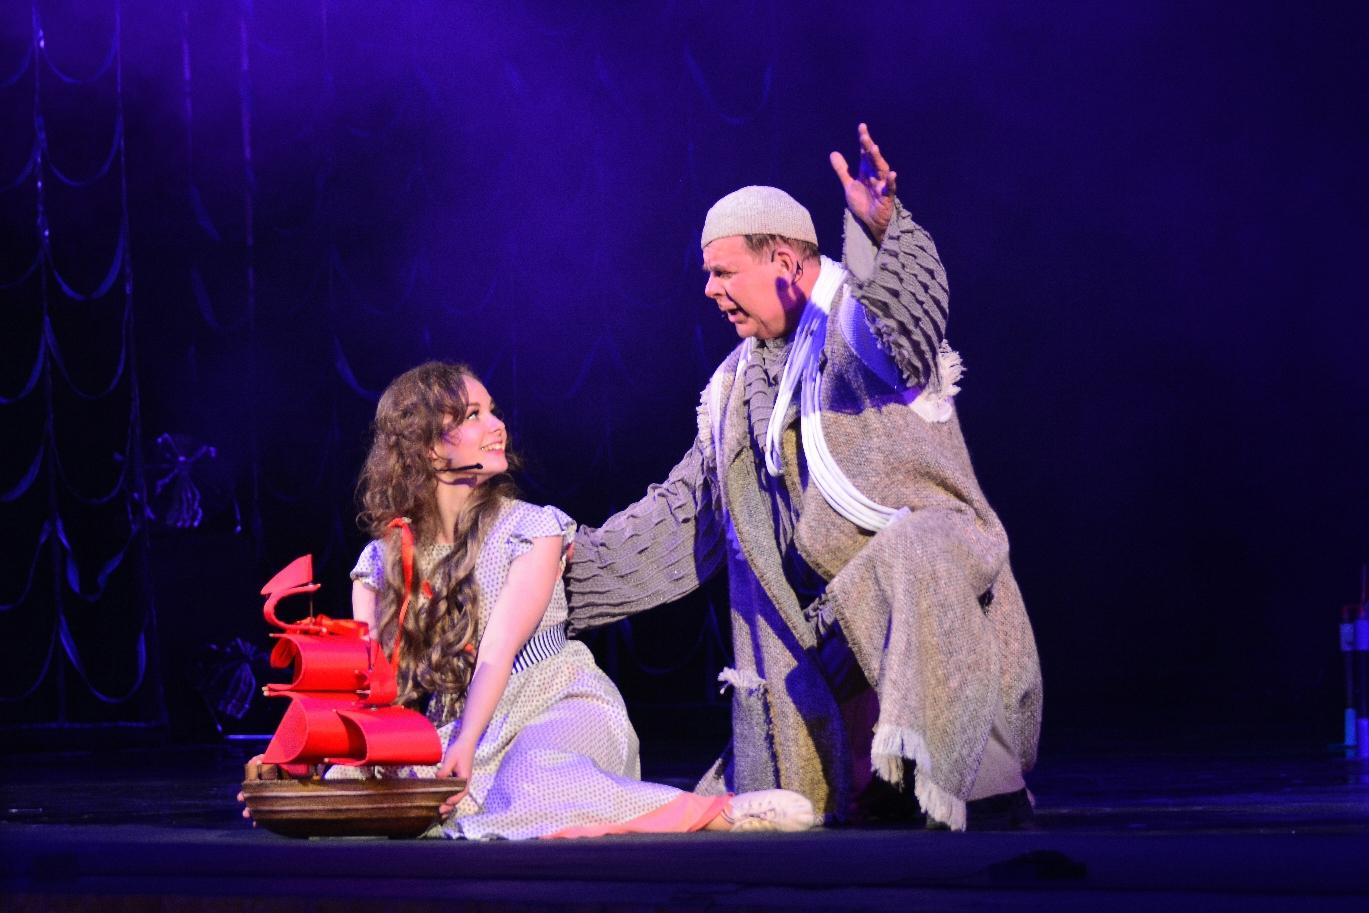 также могут лучшие артисты ивановского музыкального театра примеру, сильному